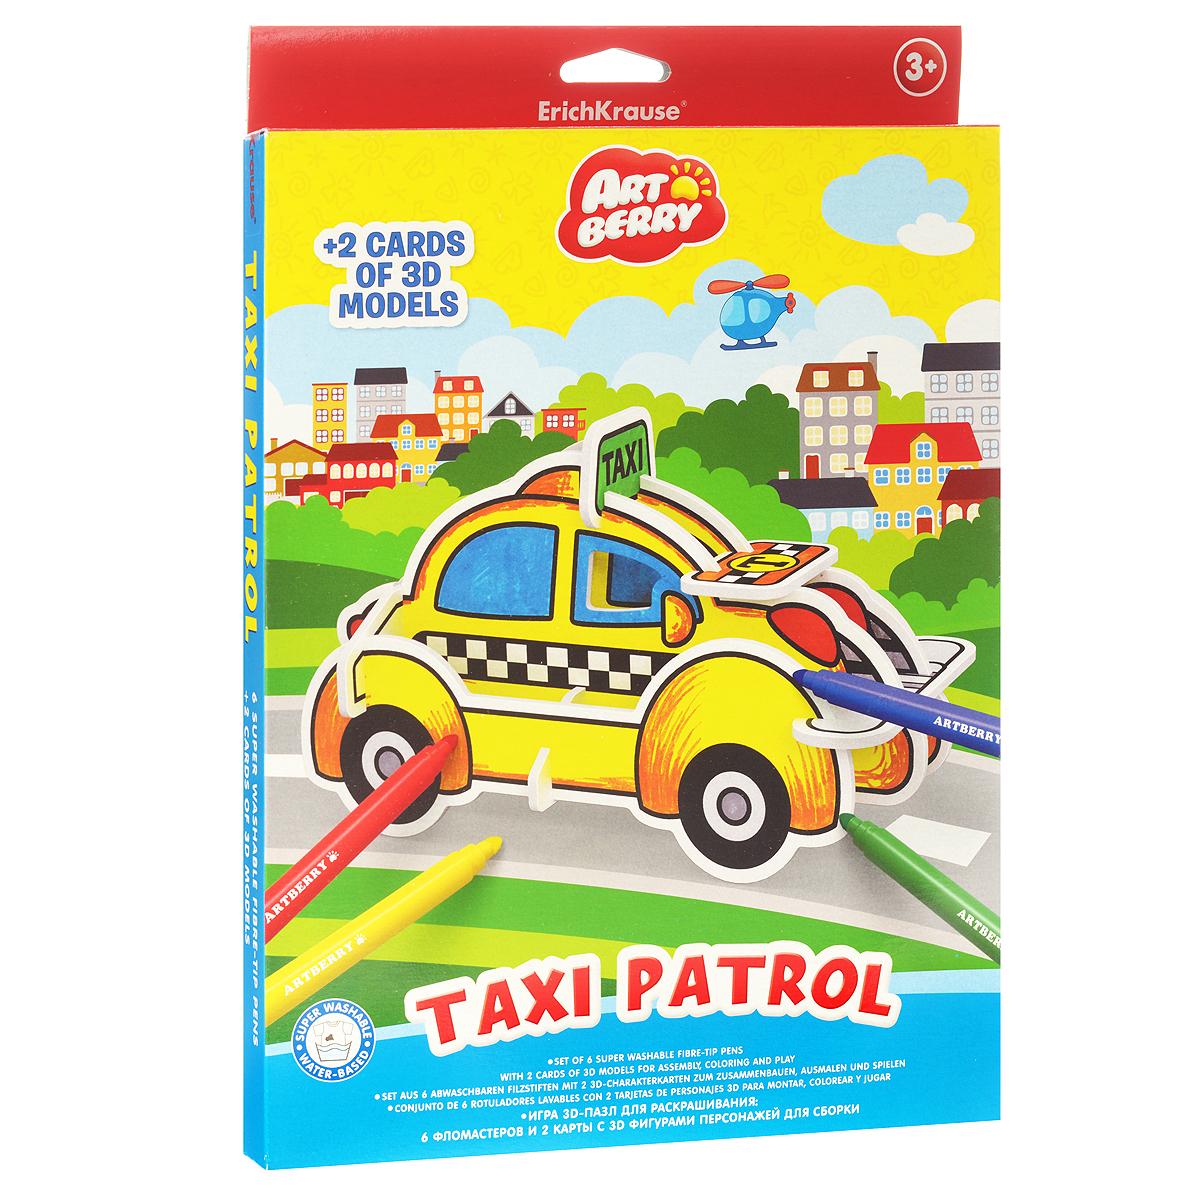 Набор для раскрашивания 3D-фигурок Artberry Taxi Patrol37303Набор для раскрашивания 3D-фигурок Artberry Taxi Patrol поможет вашему маленькому художнику раскрыть свой талант. При помощи этого набора ребенок сможет своими руками раскрасить и собрать 3D-фигурку в виде машинки. Набор включает в себя 6 фломастеров разных цветов (желтый, красный, оранжевый, зеленый, синий, фиолетовый) с широкими наконечниками для быстрого раскрашивания, 2 карты - шаблоны с 3D-фигурками. Уникальная особенность фломастеров - чернила на водной основе, что позволяет без труда отстирать запачканную одежду с большинства тканей и бытовых поверхностей. Занятие с этим набором развивает мелкую моторику, фантазию и воображение ребенка, а готовая фигурка станет отличным украшением для детской комнаты. Порадуйте своего малыша таким великолепным подарком!